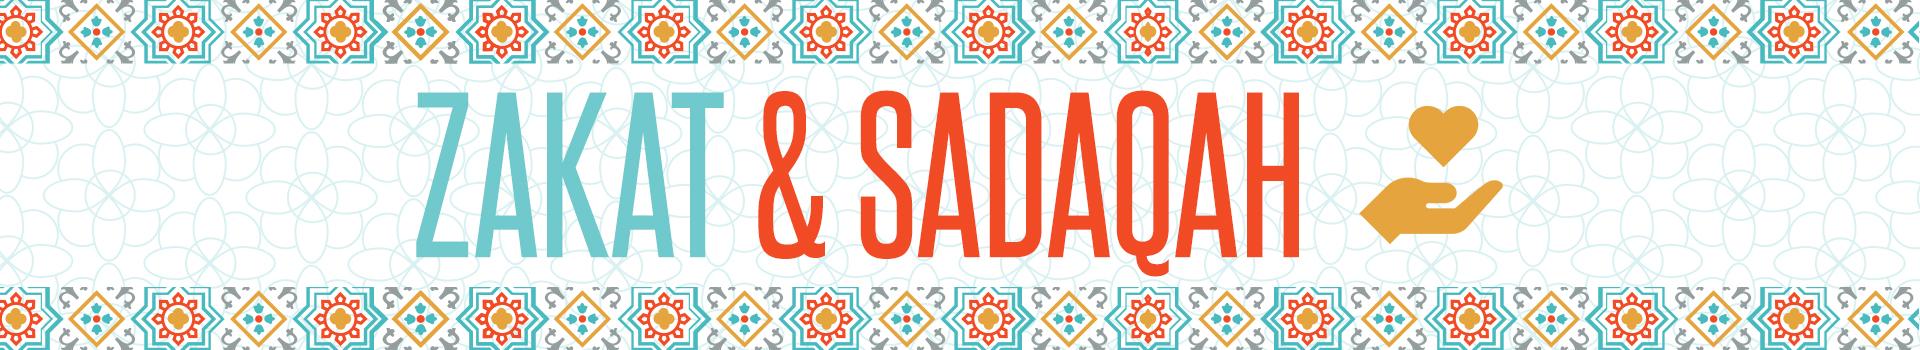 Zakat & Sadaqah – MCMC